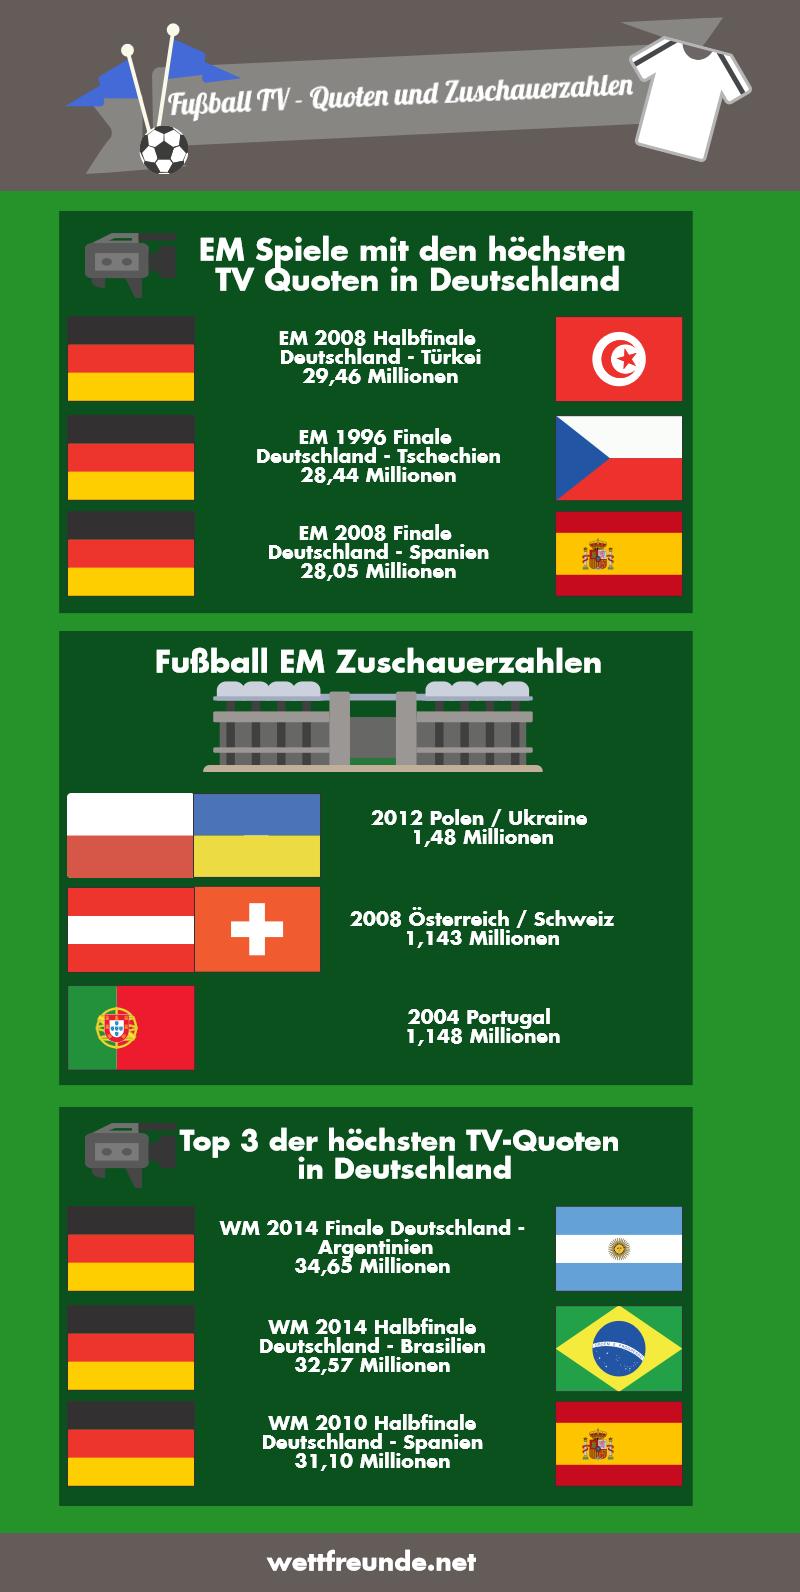 Handball – Der neue Volkssport?